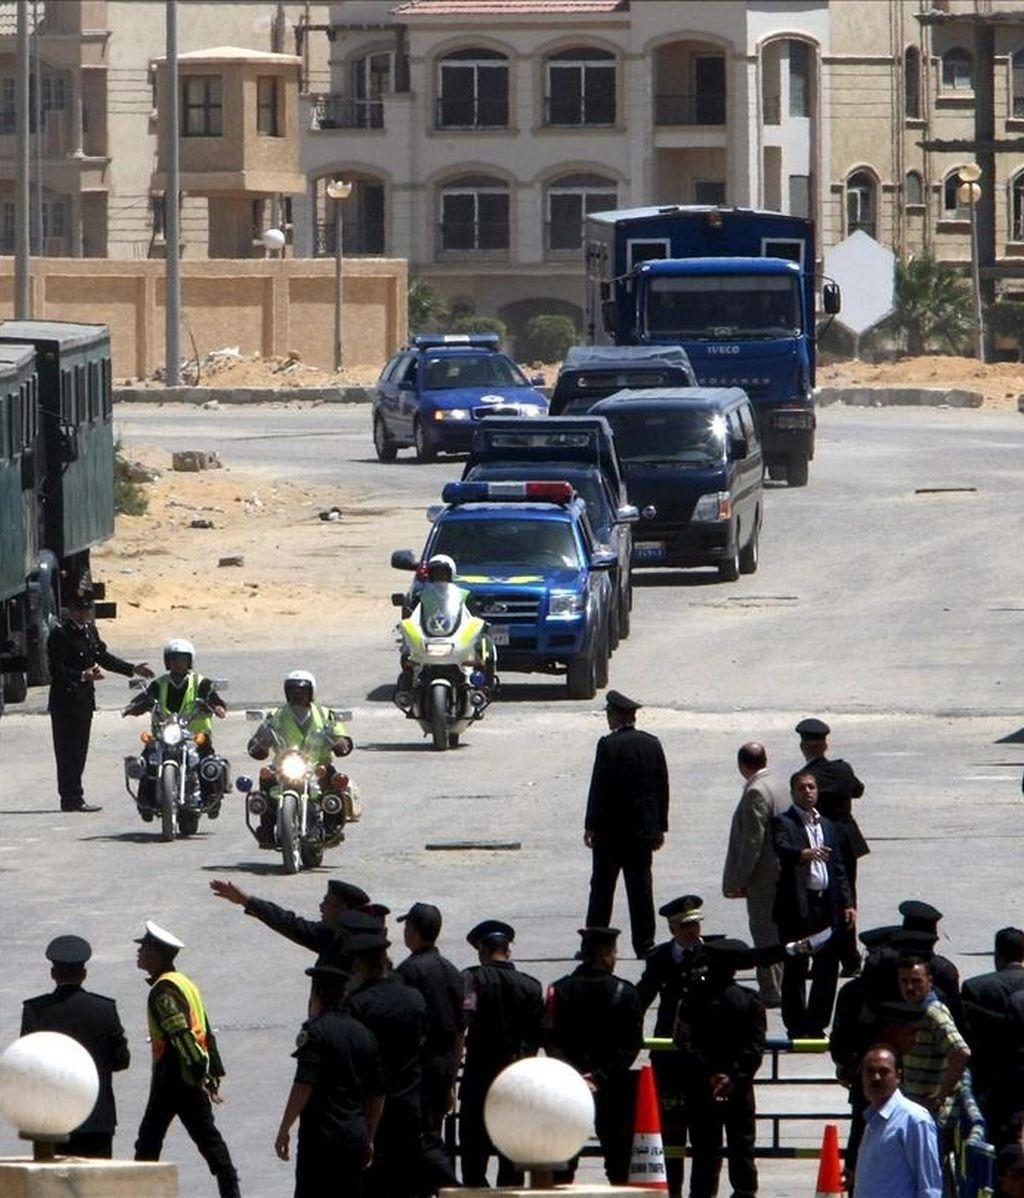 Al menos un cristiano murió hoy y otros cinco resultaron heridos por los supuestos disparos de un policía en un tren que viajaba desde Assiut, en el sur de Egipto, a El Cairo, informó a Efe una fuente policial. En la imagen, un convoy de policía en Egipto. EFE/Archivo